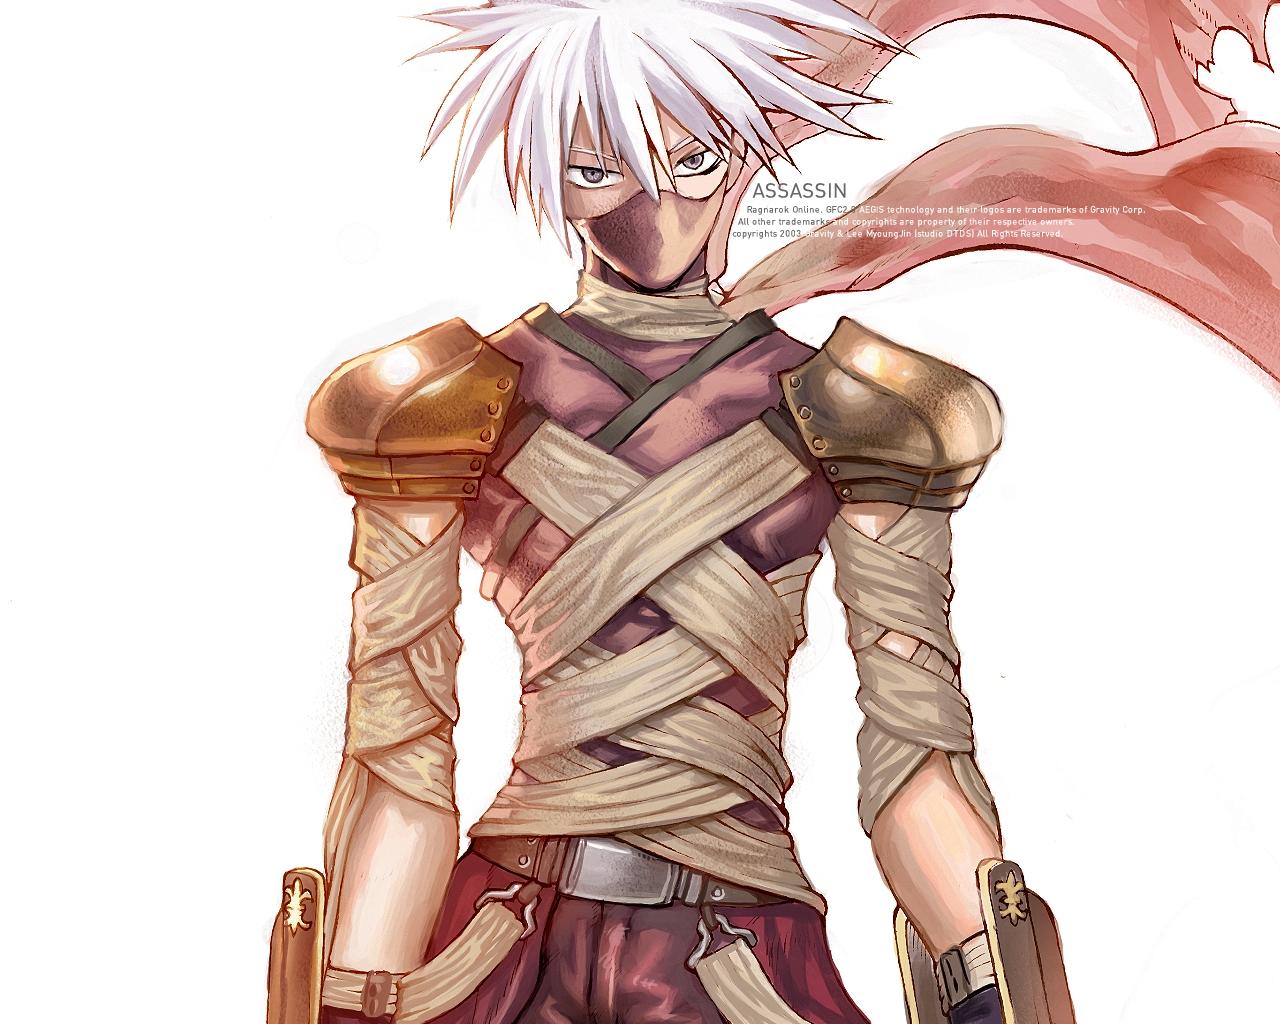 Anime character assassin 001 jpg